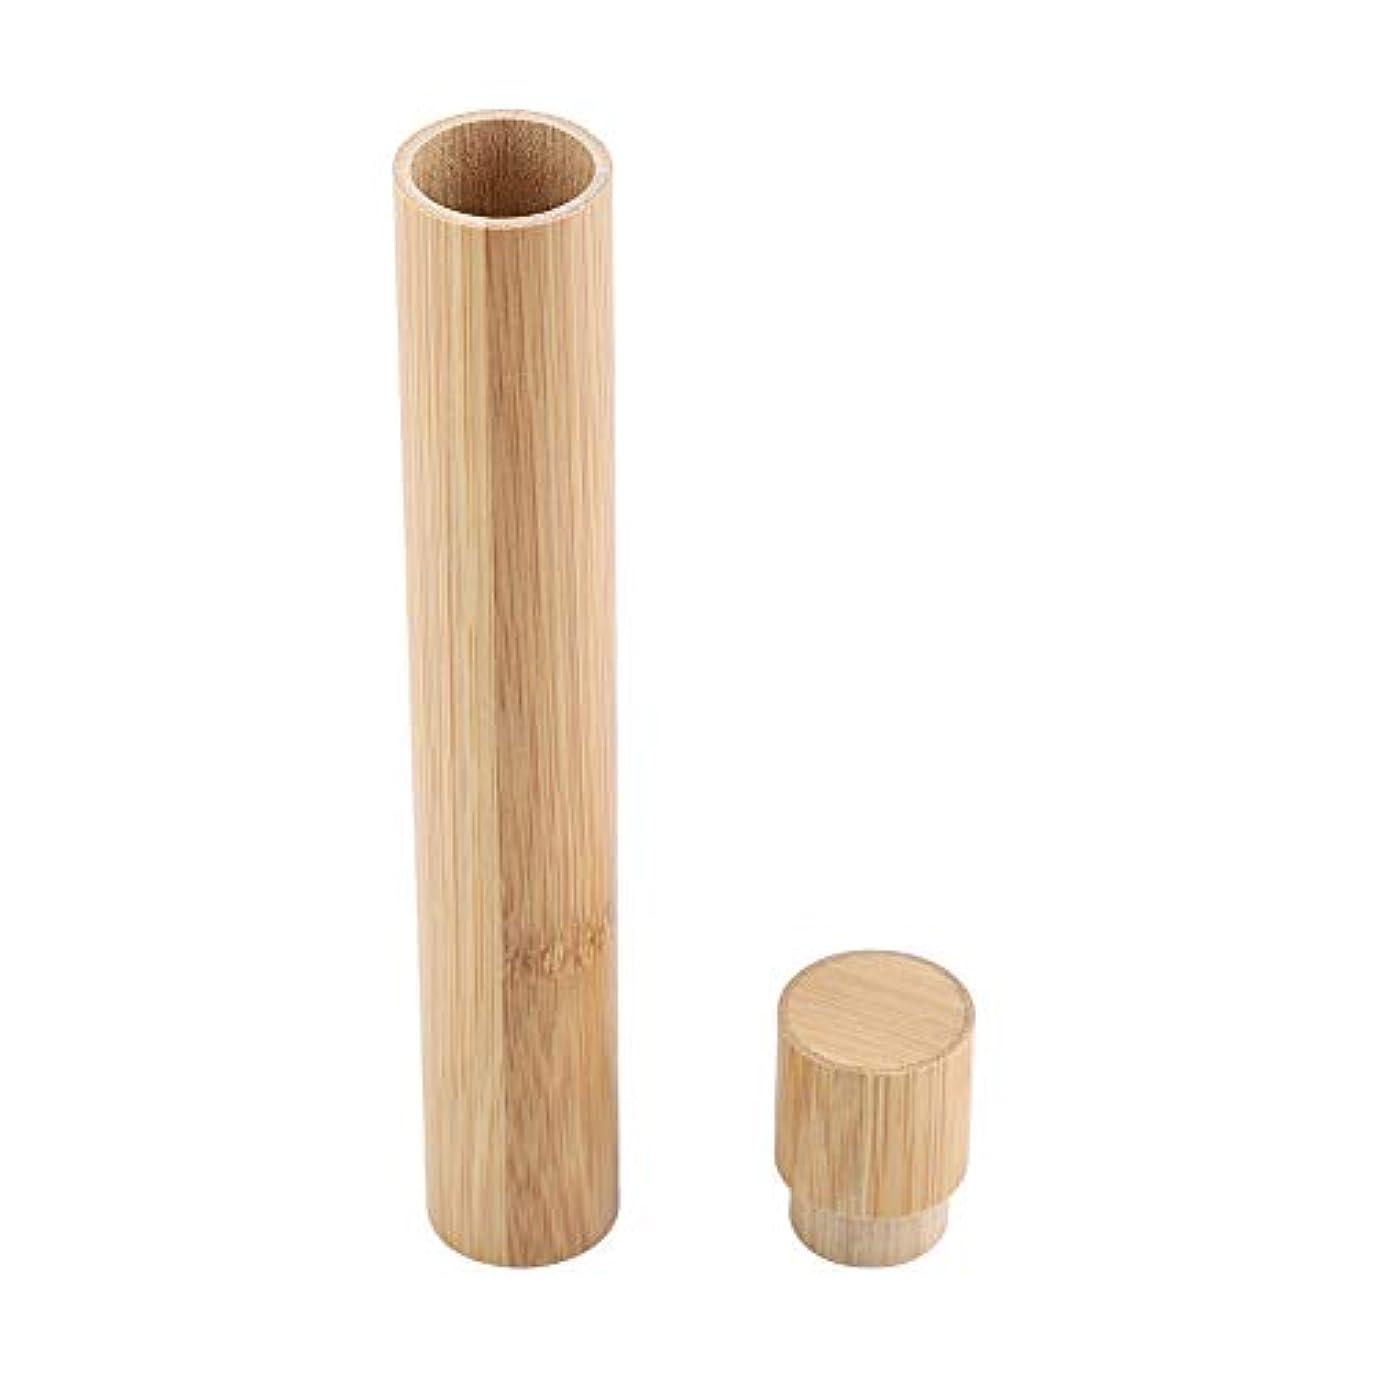 全滅させるステンレスディベート歯ブラシケース ブラシホルダー ブラシ収納 ポータブル エコフレンドリー 木製 竹 トラベル用 プロテクト 収納ケース ブラシ保護